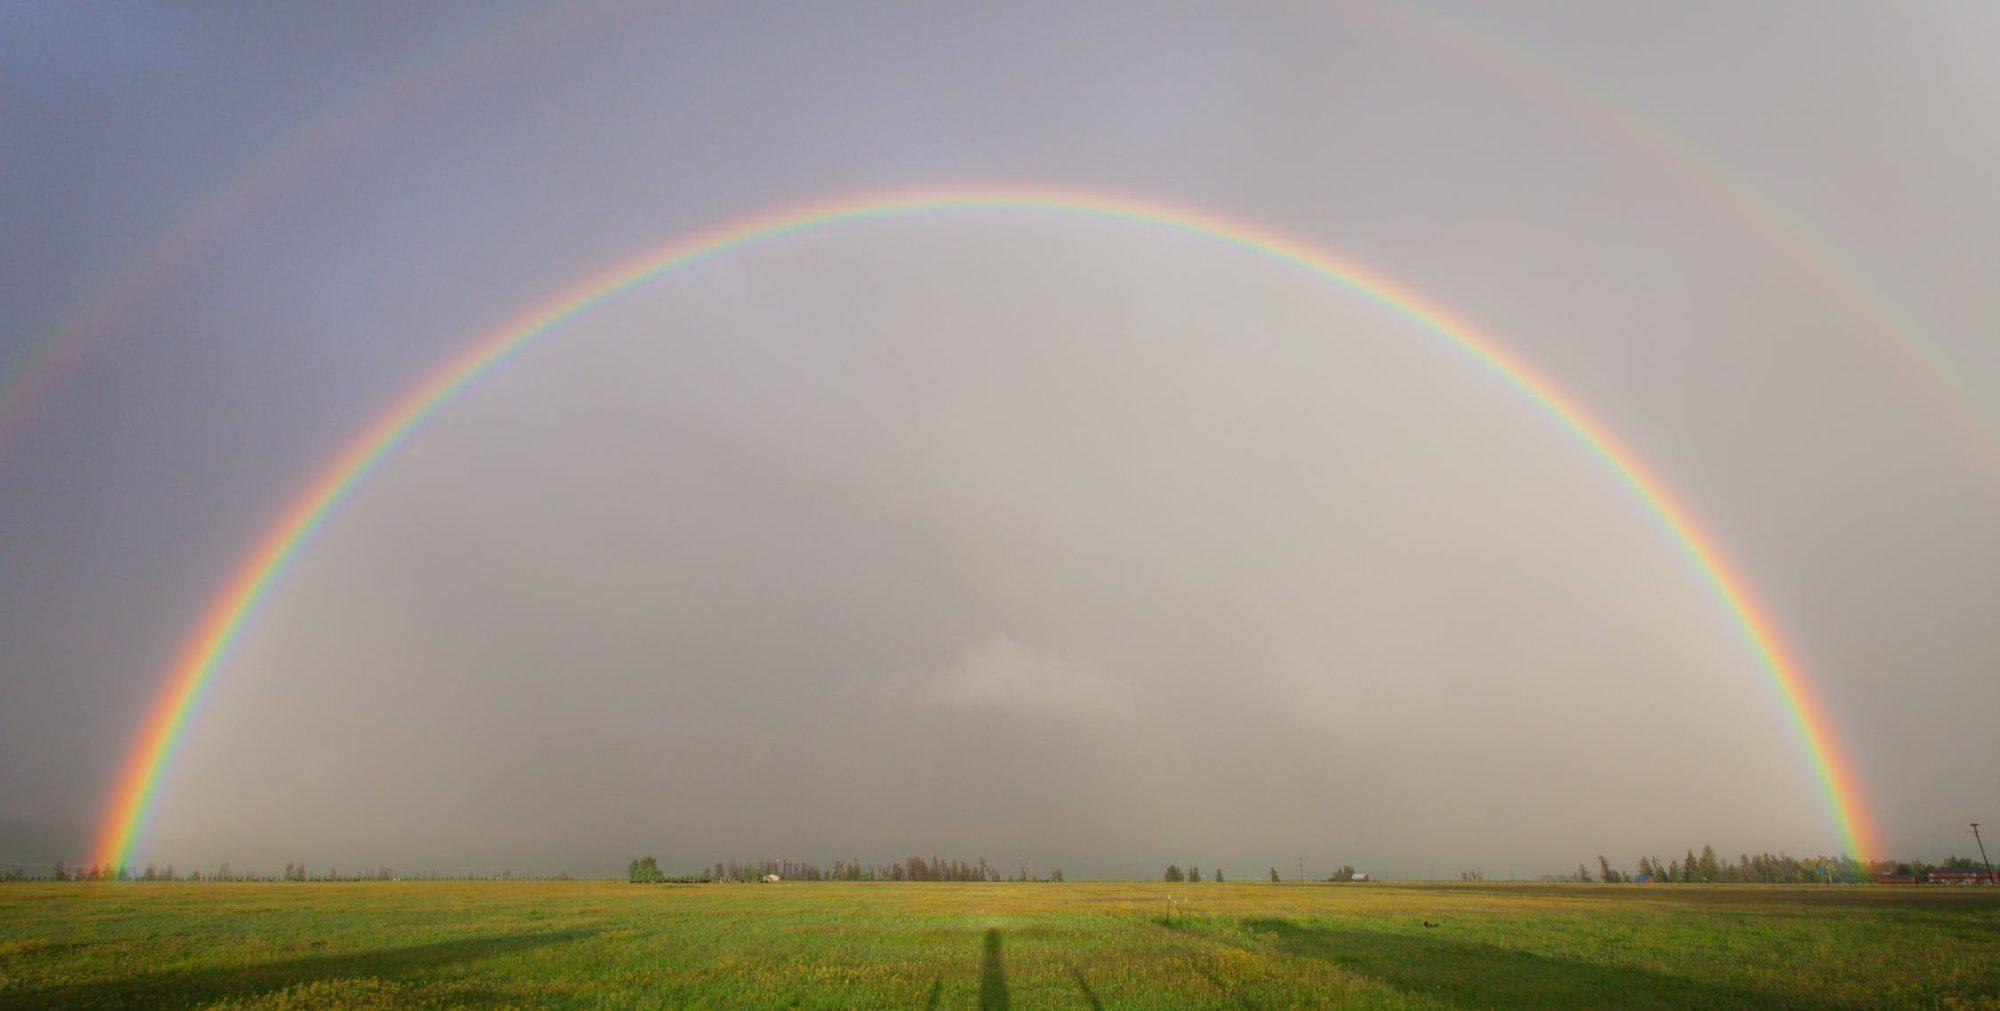 Praktijk De Regenboog